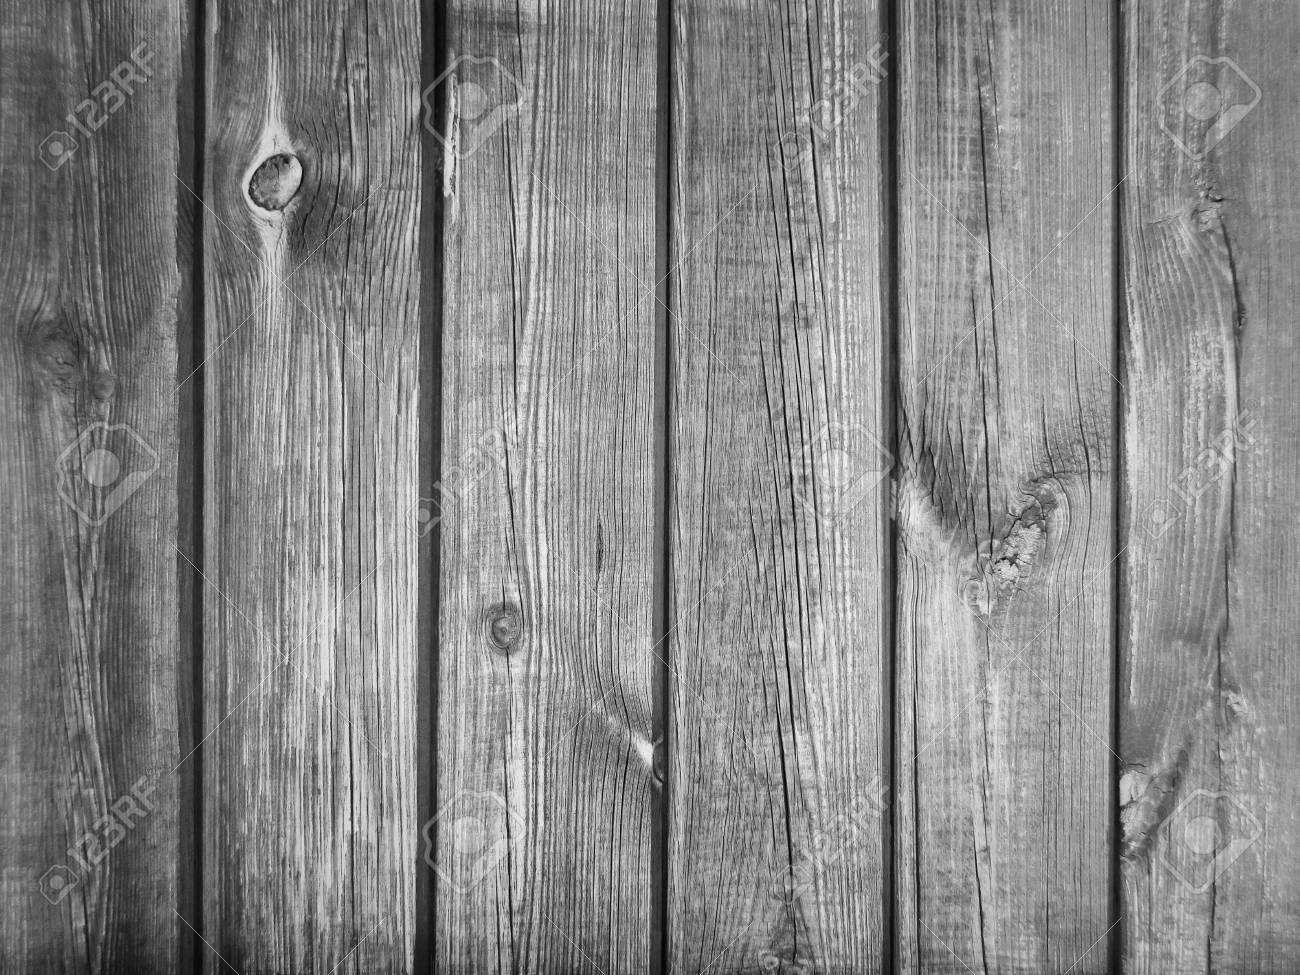 Priorità bassa della parete di legno grigio chiaro foto royalty free